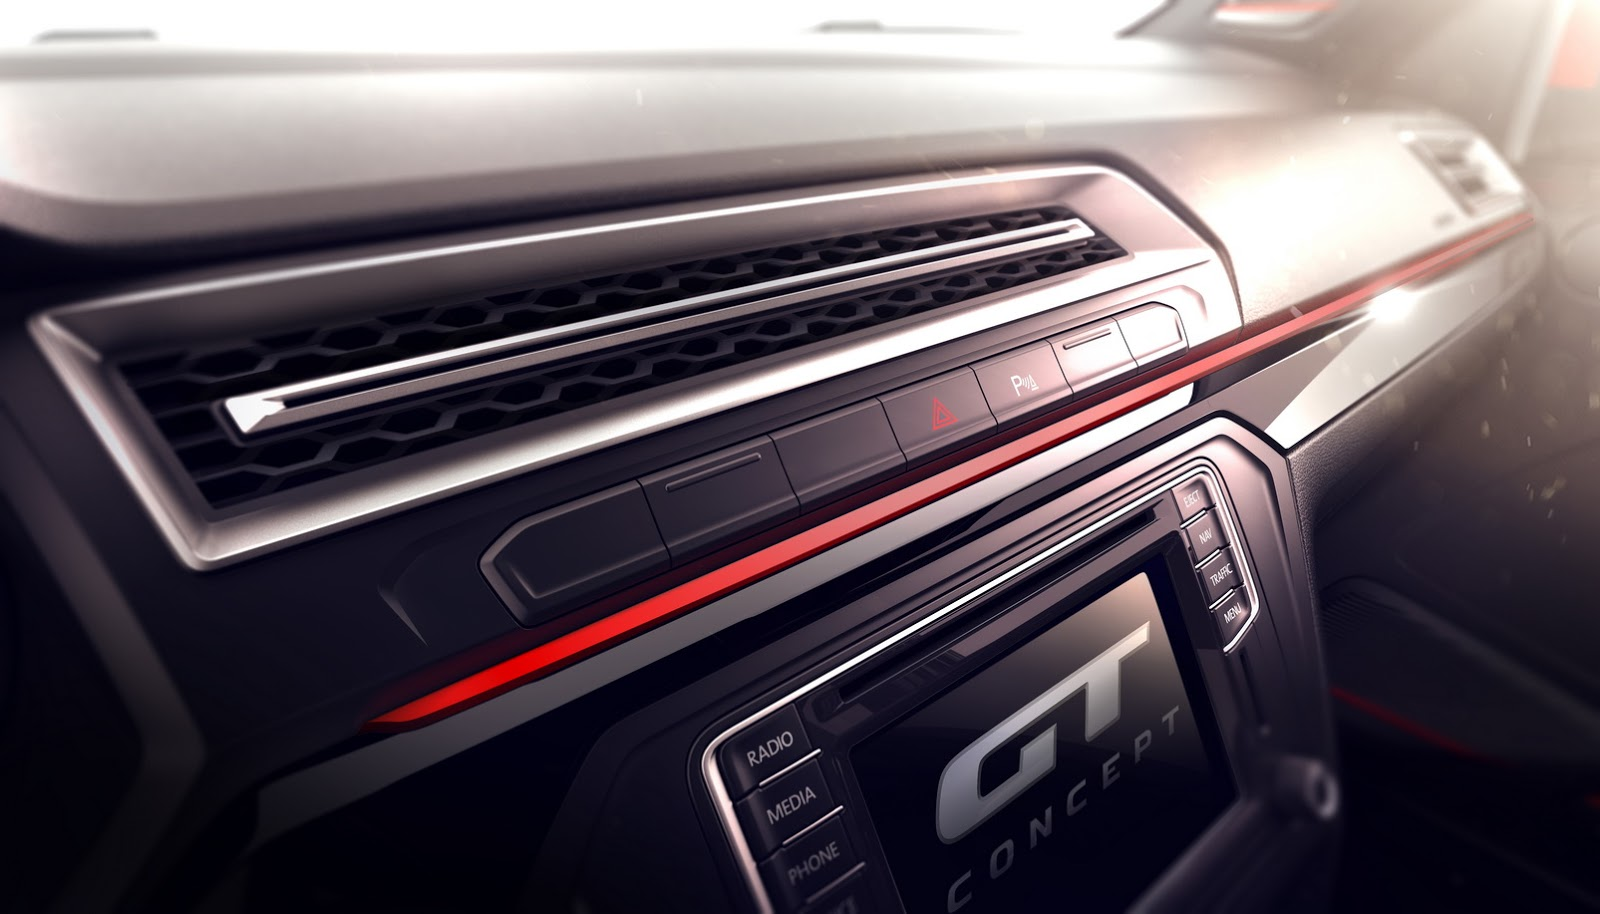 novo-volkswagen-gol-gt-conceito-10